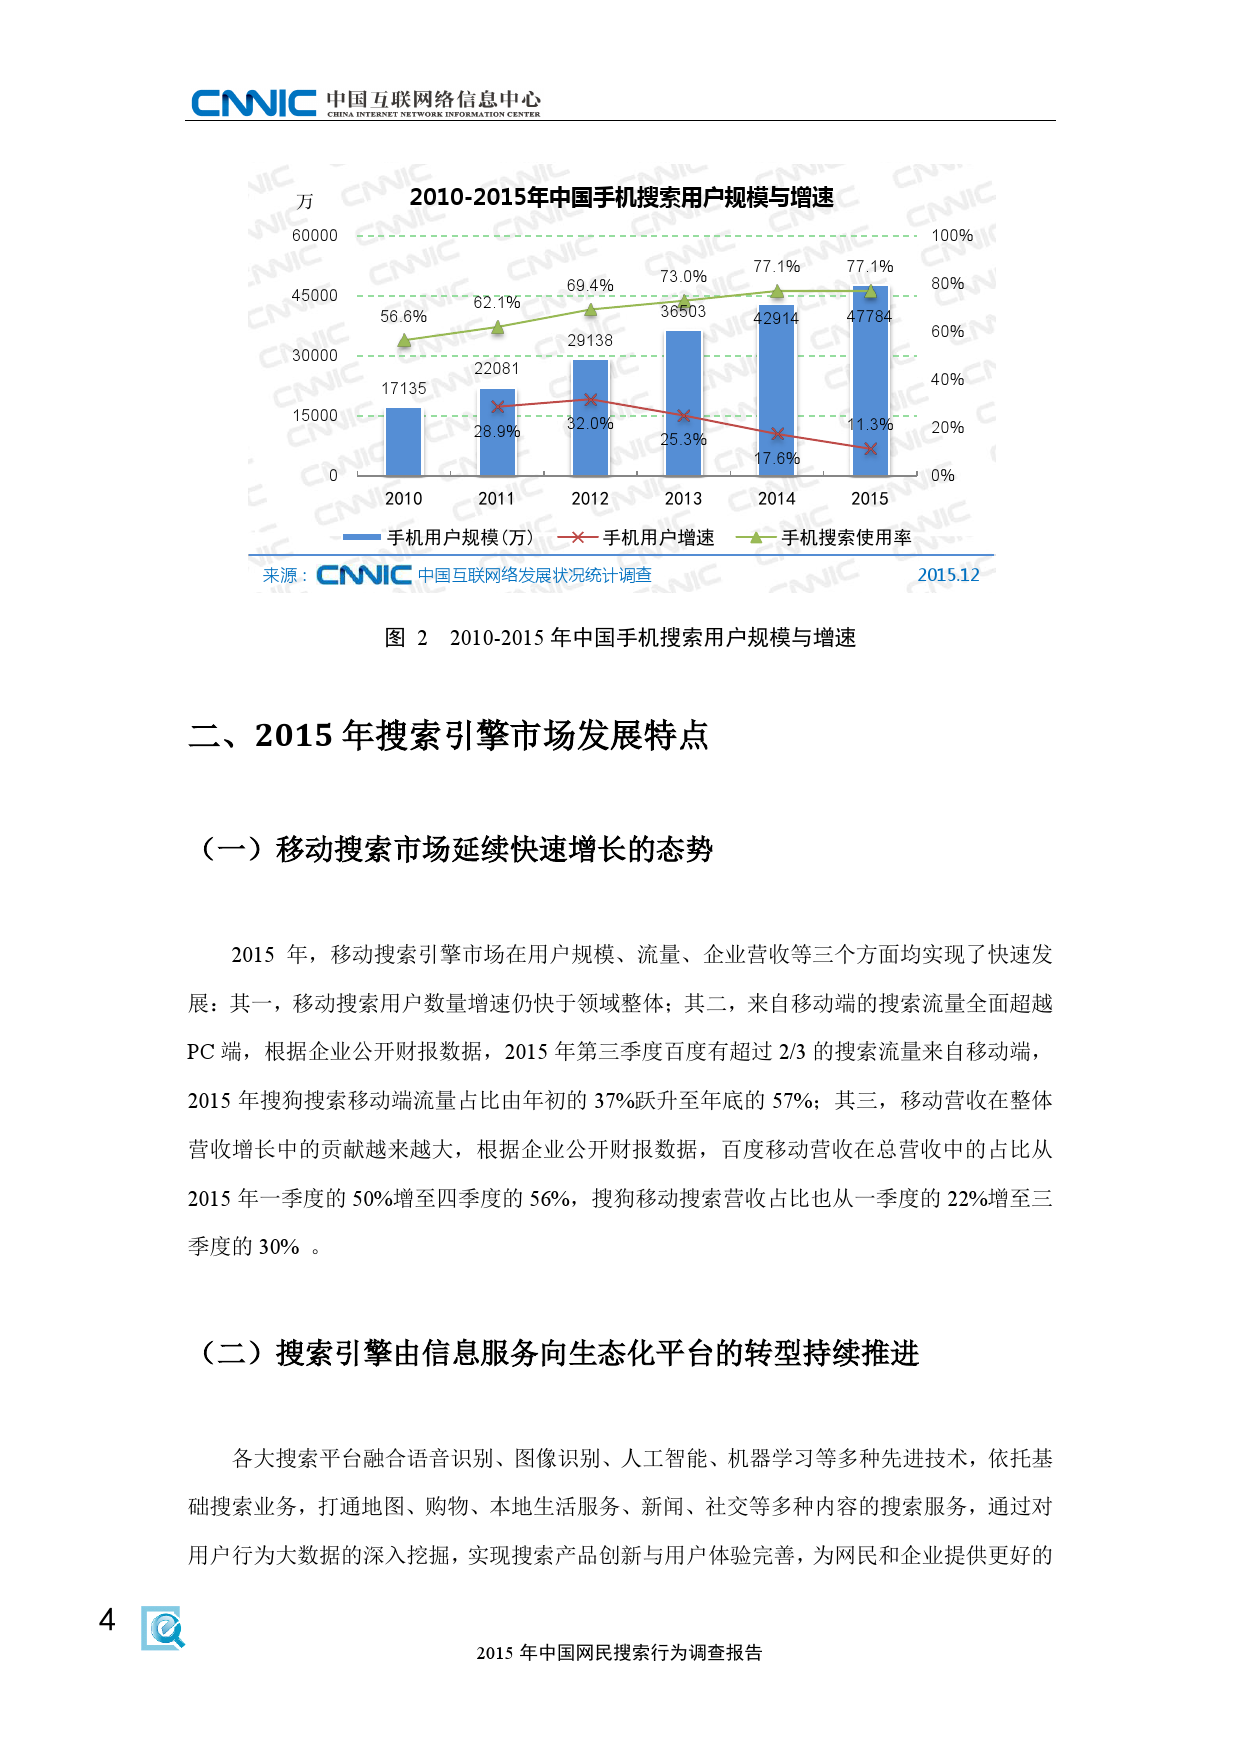 CNNIC:2015年中国网民搜索行为调查_000012